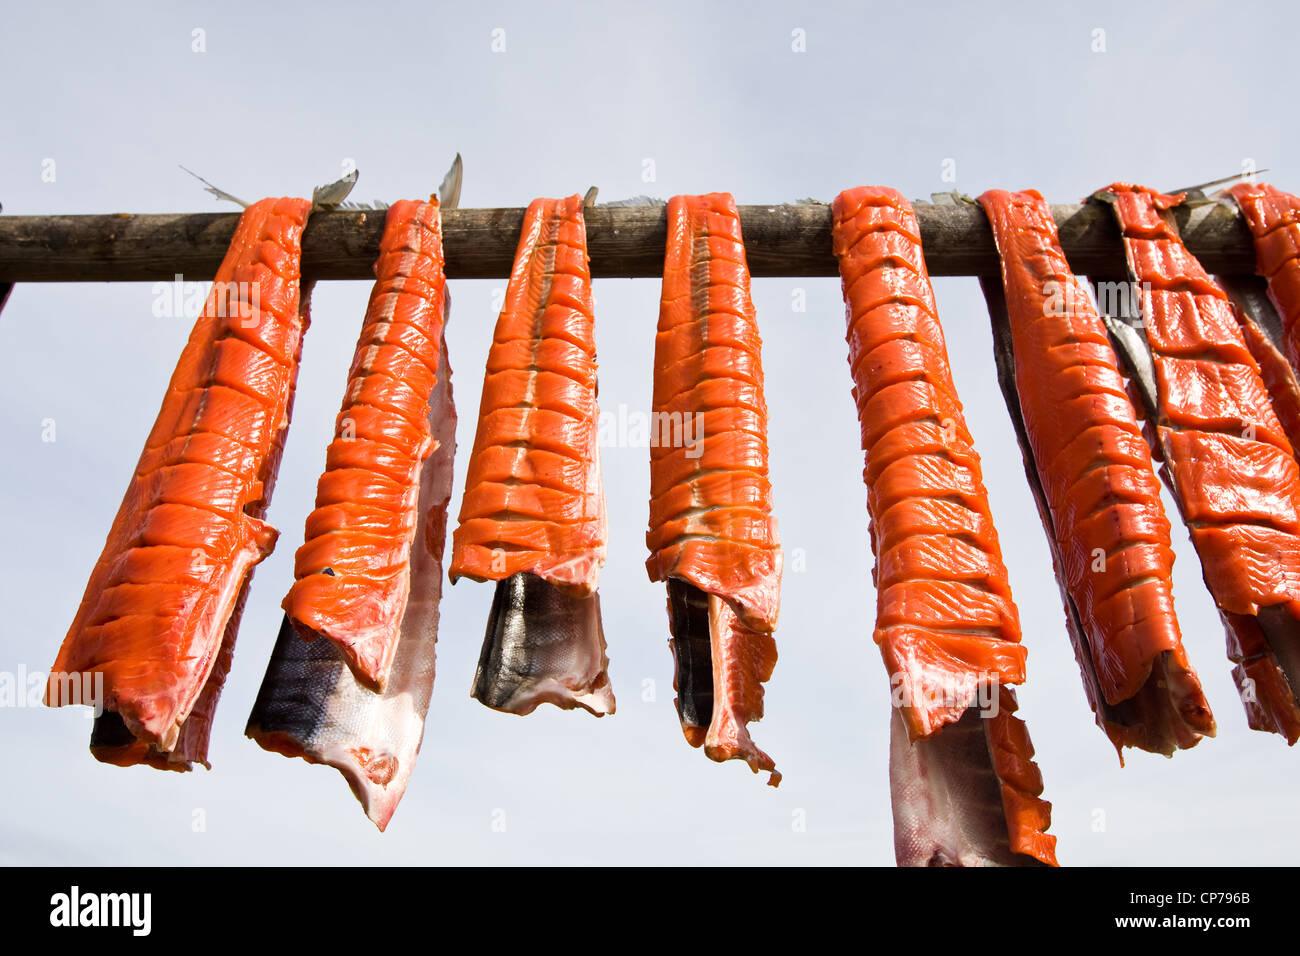 Subsistance catturati Bristol Bay Il Salmone Sockeye essiccazione su un rack, Iliamna, Southwest Alaska, estate Immagini Stock